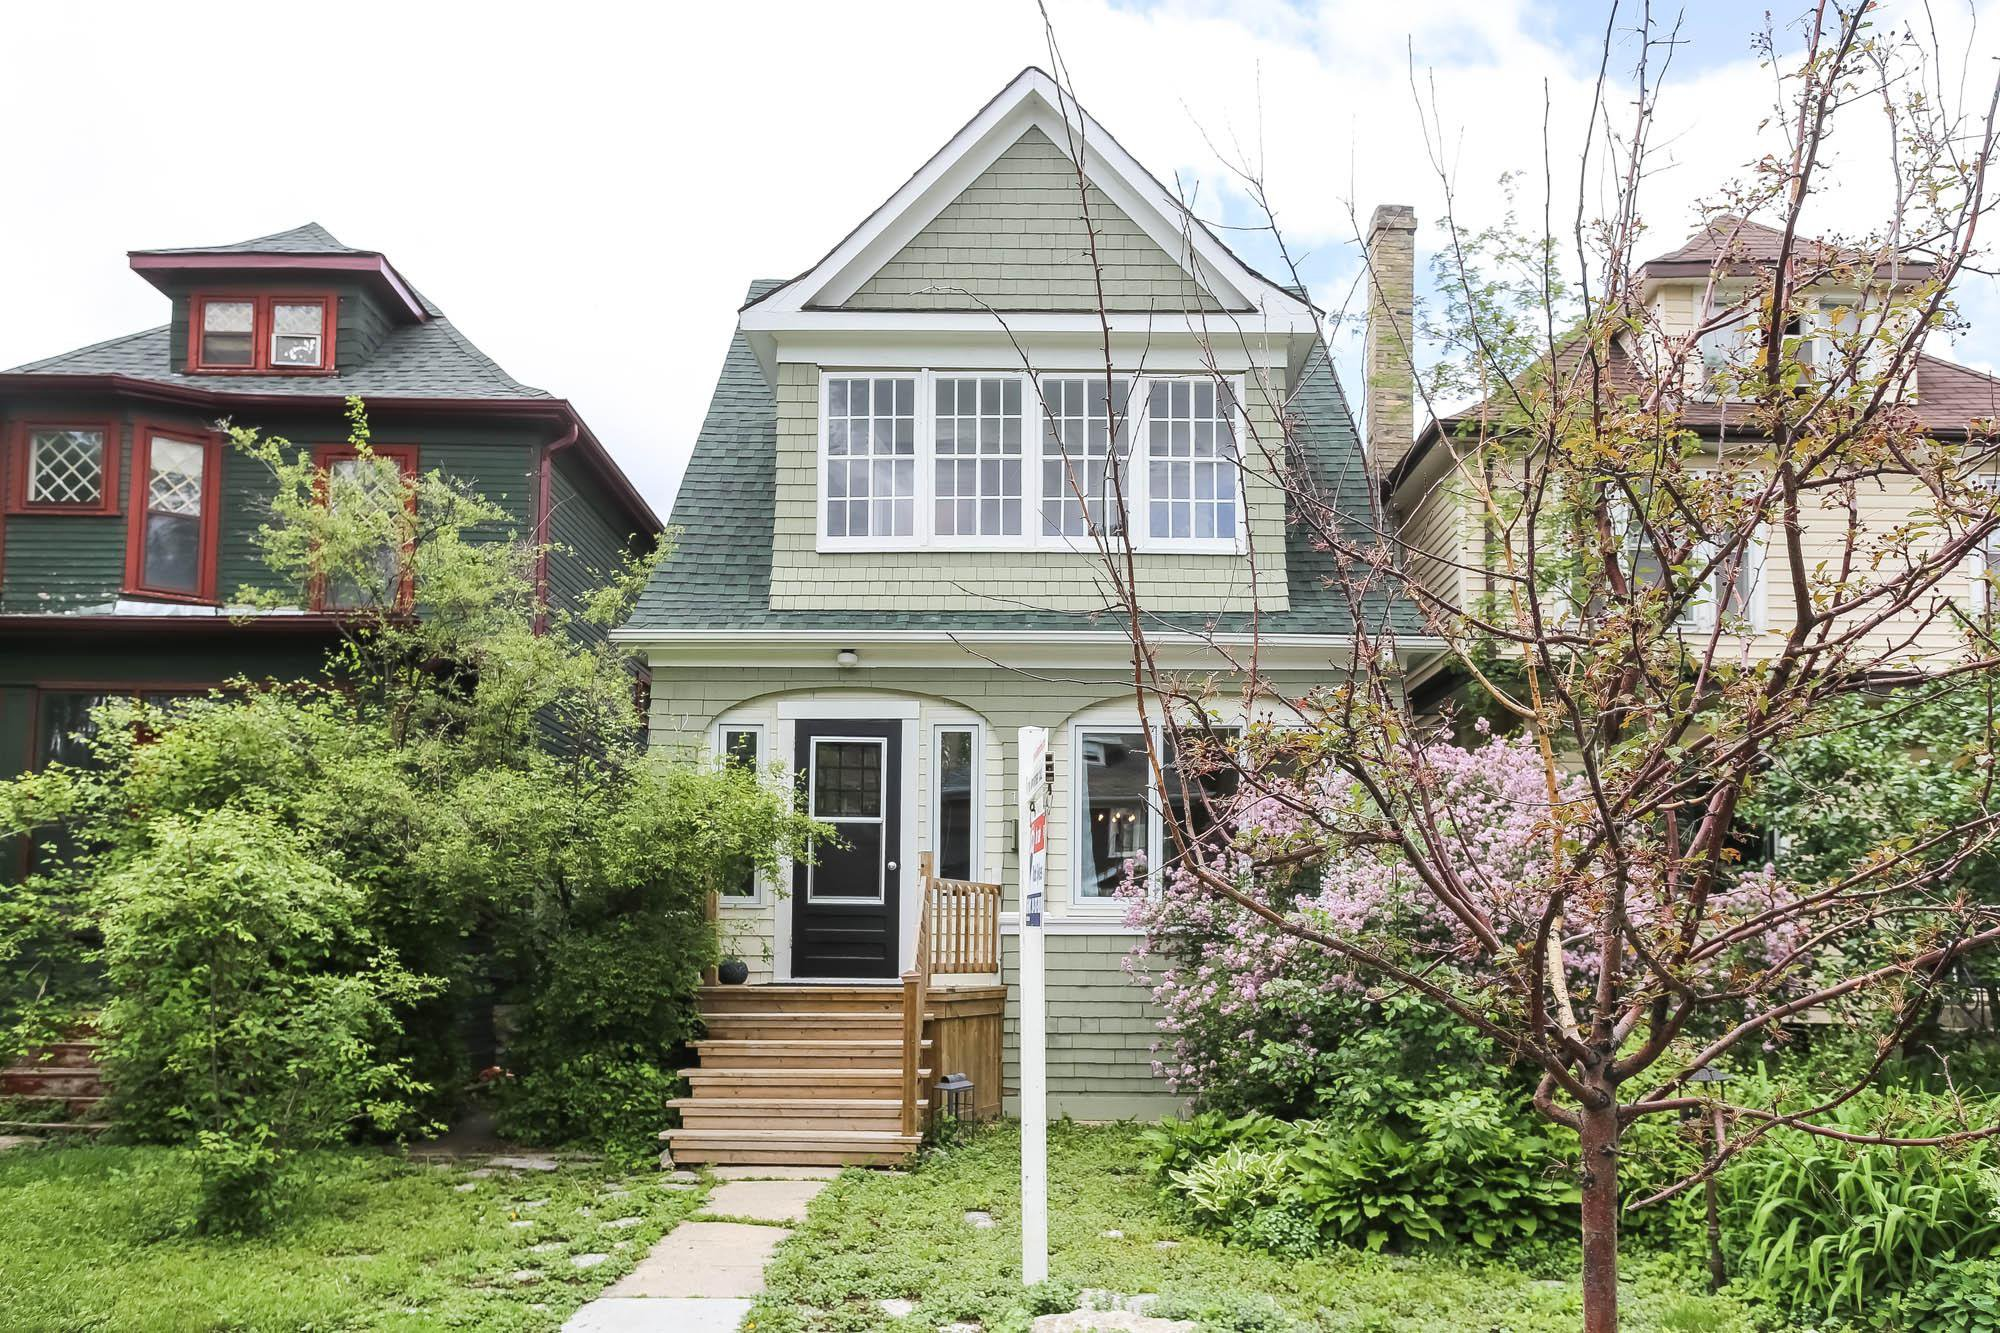 Photo 2: Photos: 108 LENORE Street in Winnipeg: Wolseley Single Family Detached for sale (5B)  : MLS®# 202013079